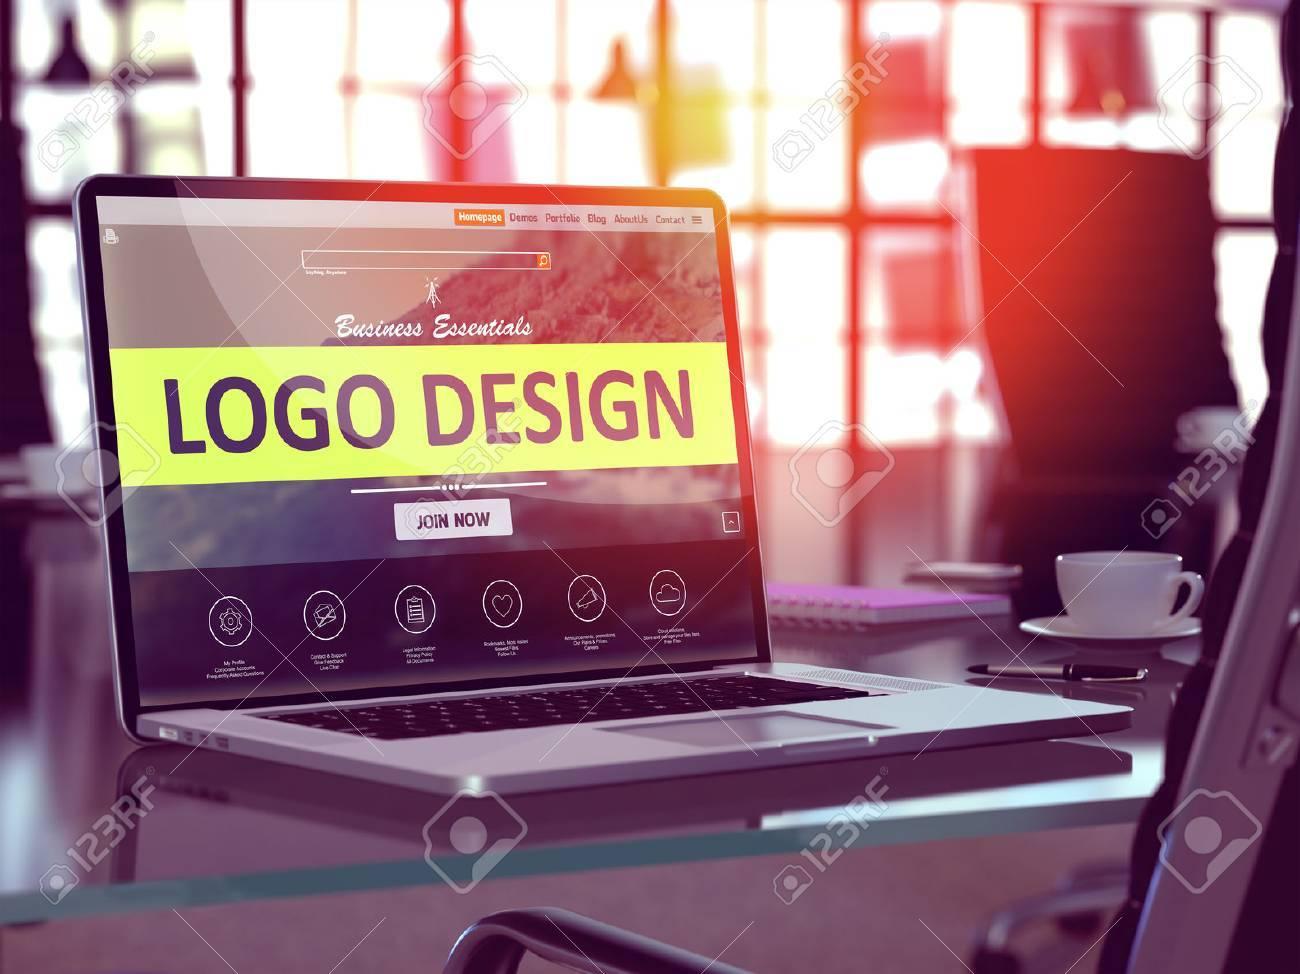 Moderner Arbeitsplatz mit Laptop zeigt Landing-Page mit Logo-Design-Konzept. Getönt mit Tiefenschärfe. 3D übertragen. Standard-Bild - 53199858